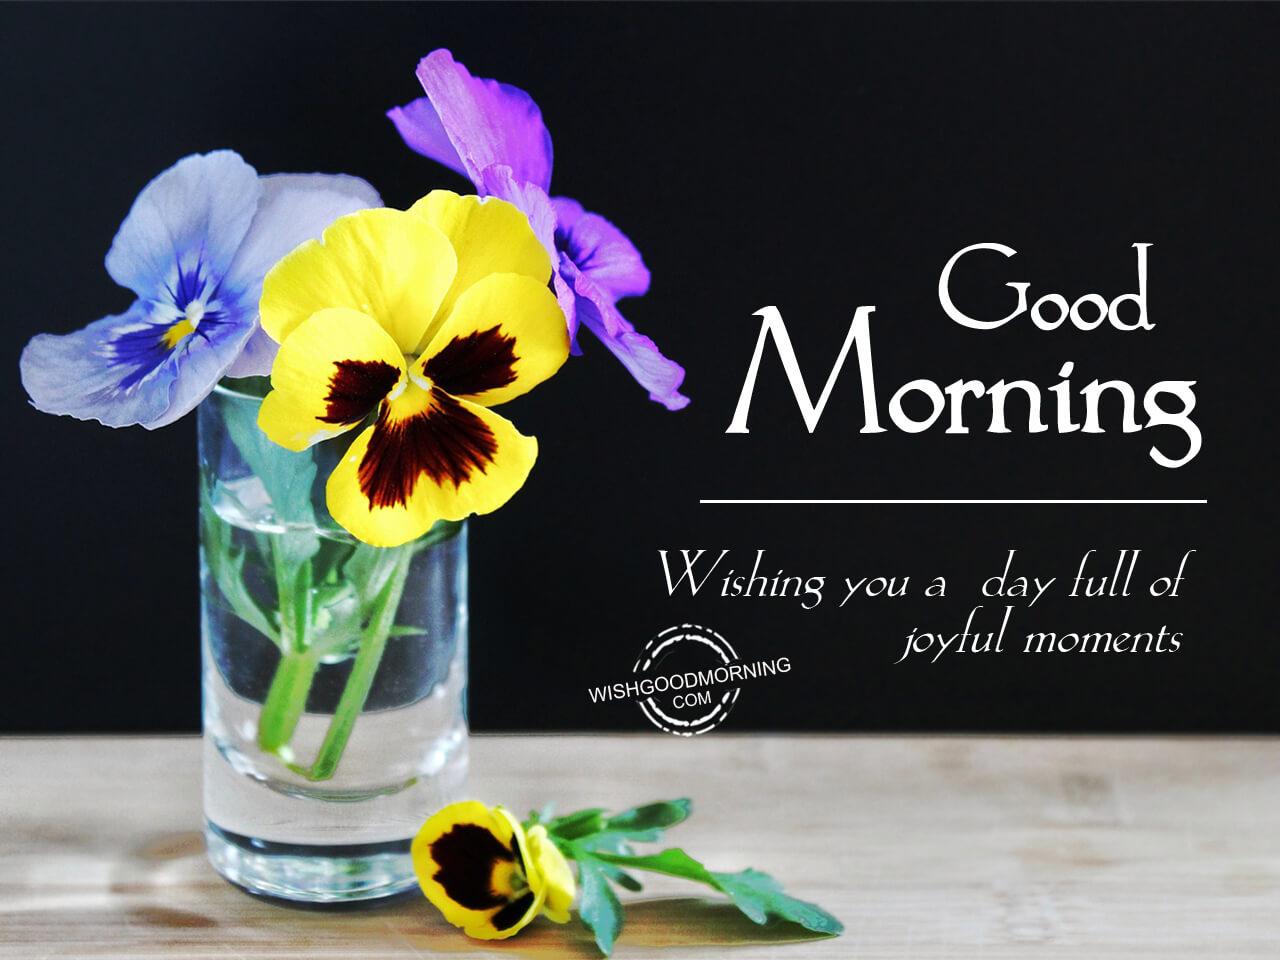 Good Morning Wishes Good Morning Pictures Wishgoodmorningcom